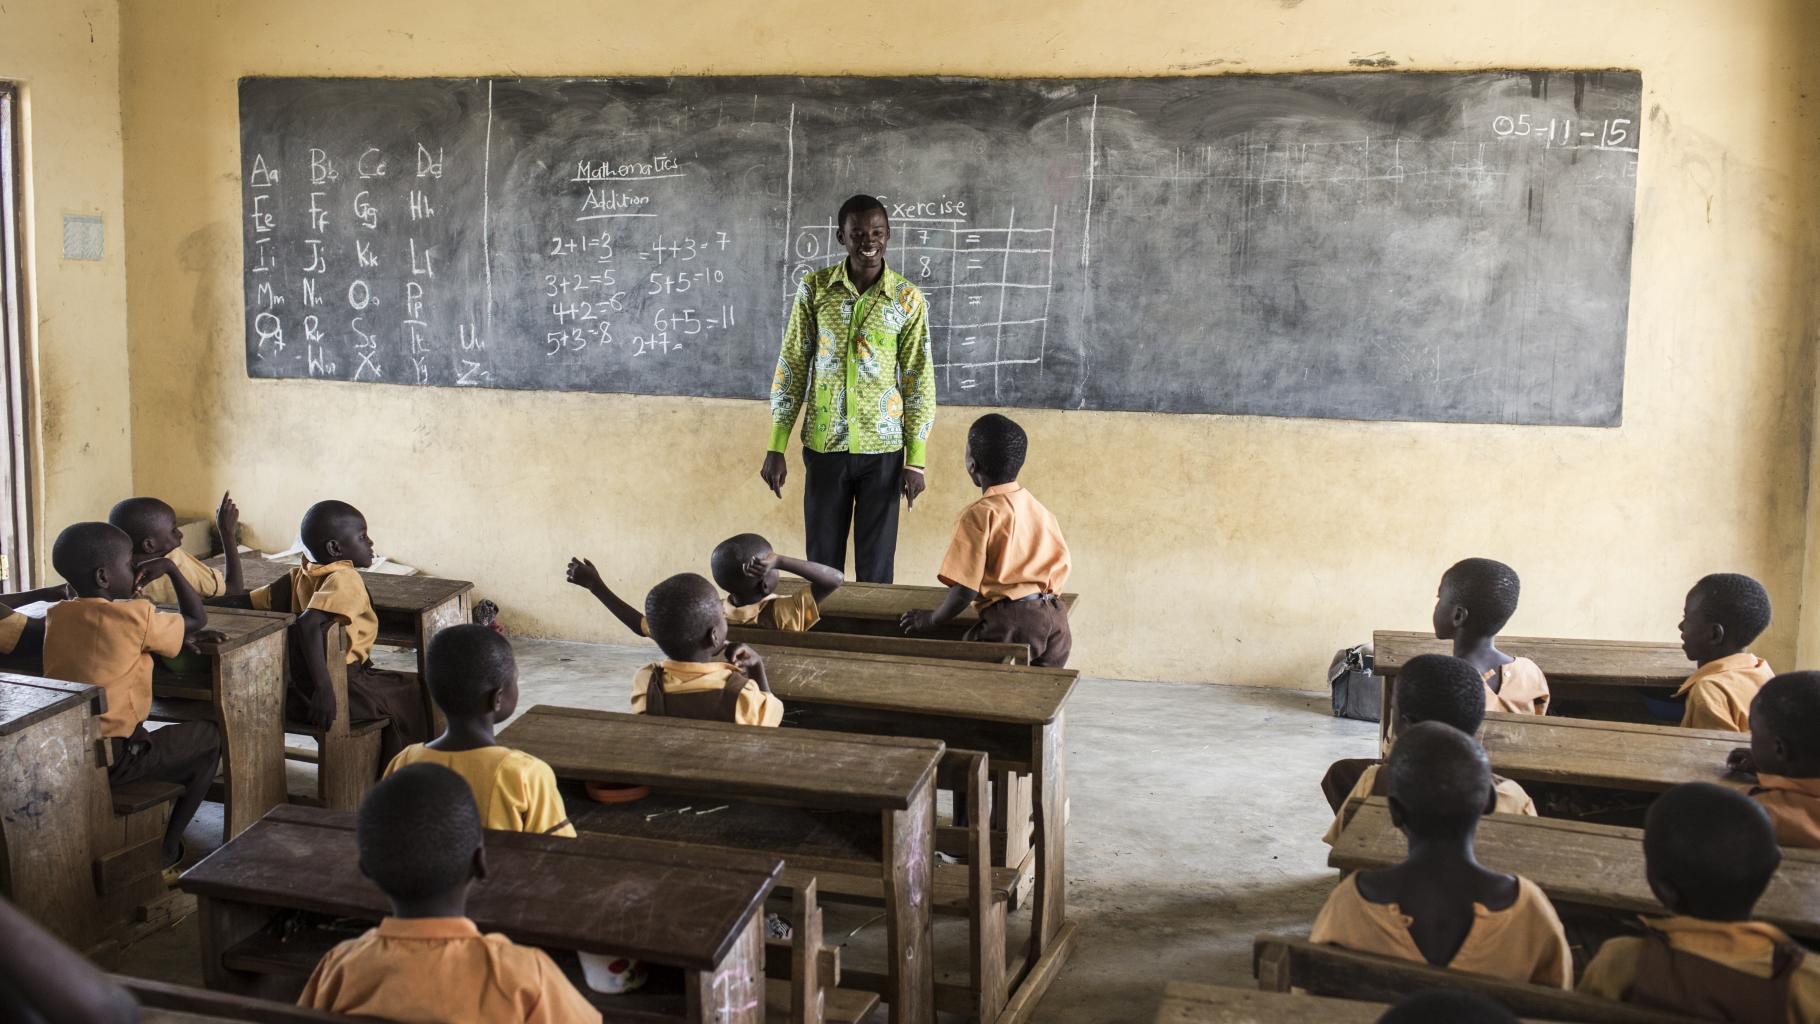 Schüler*innen in einer Schule in Ghana